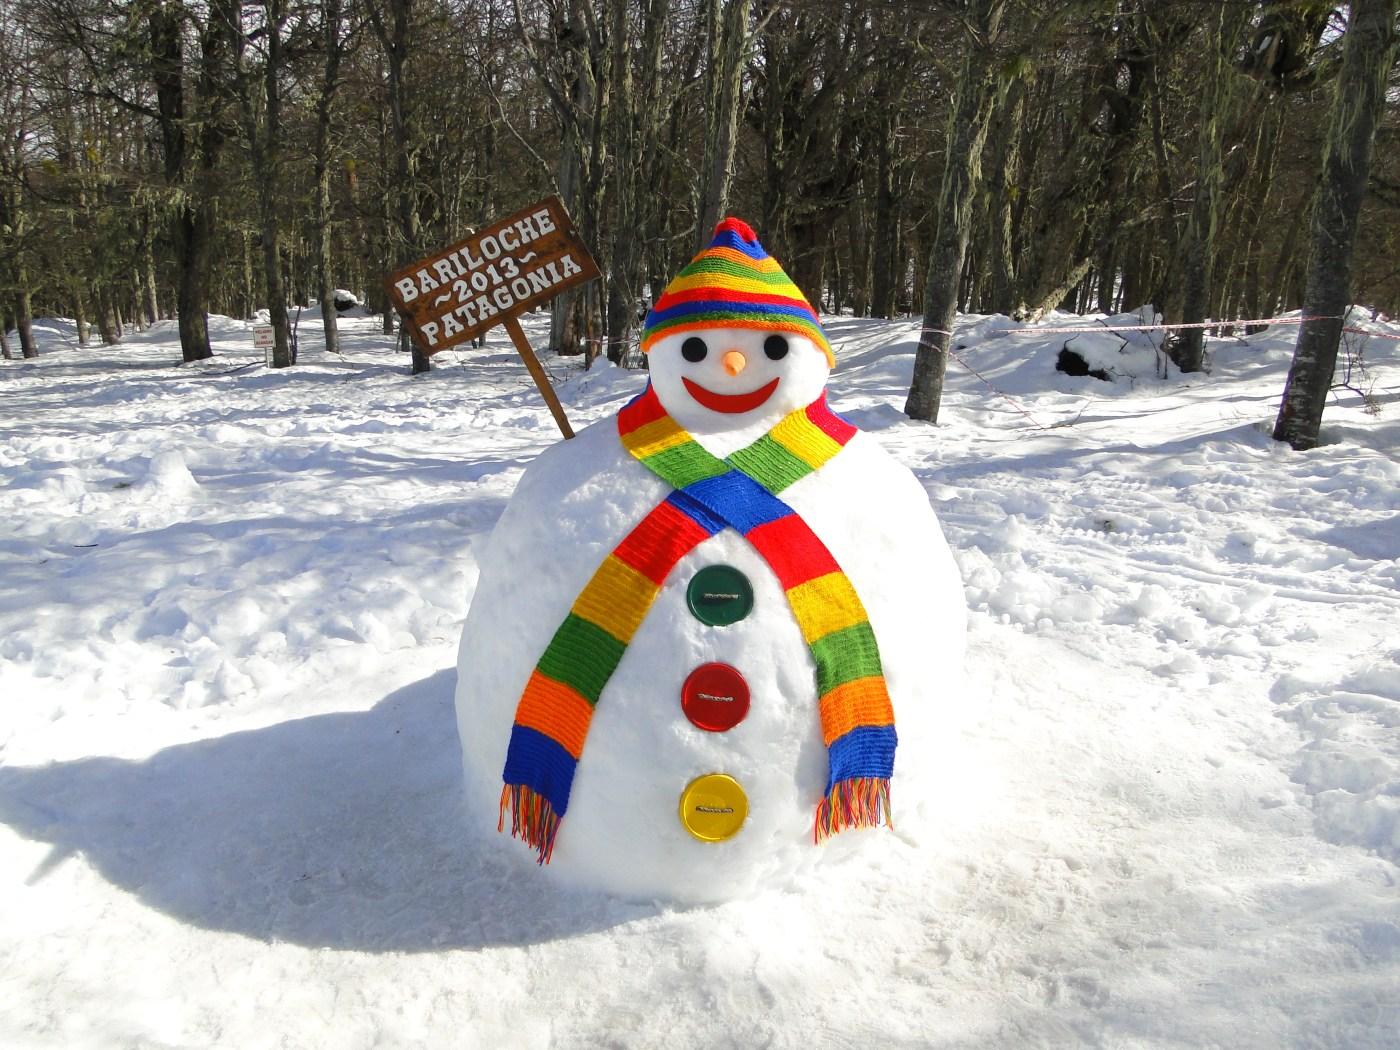 Bariloche - Planejando uma viagem para curtir neve - Bariloche ...